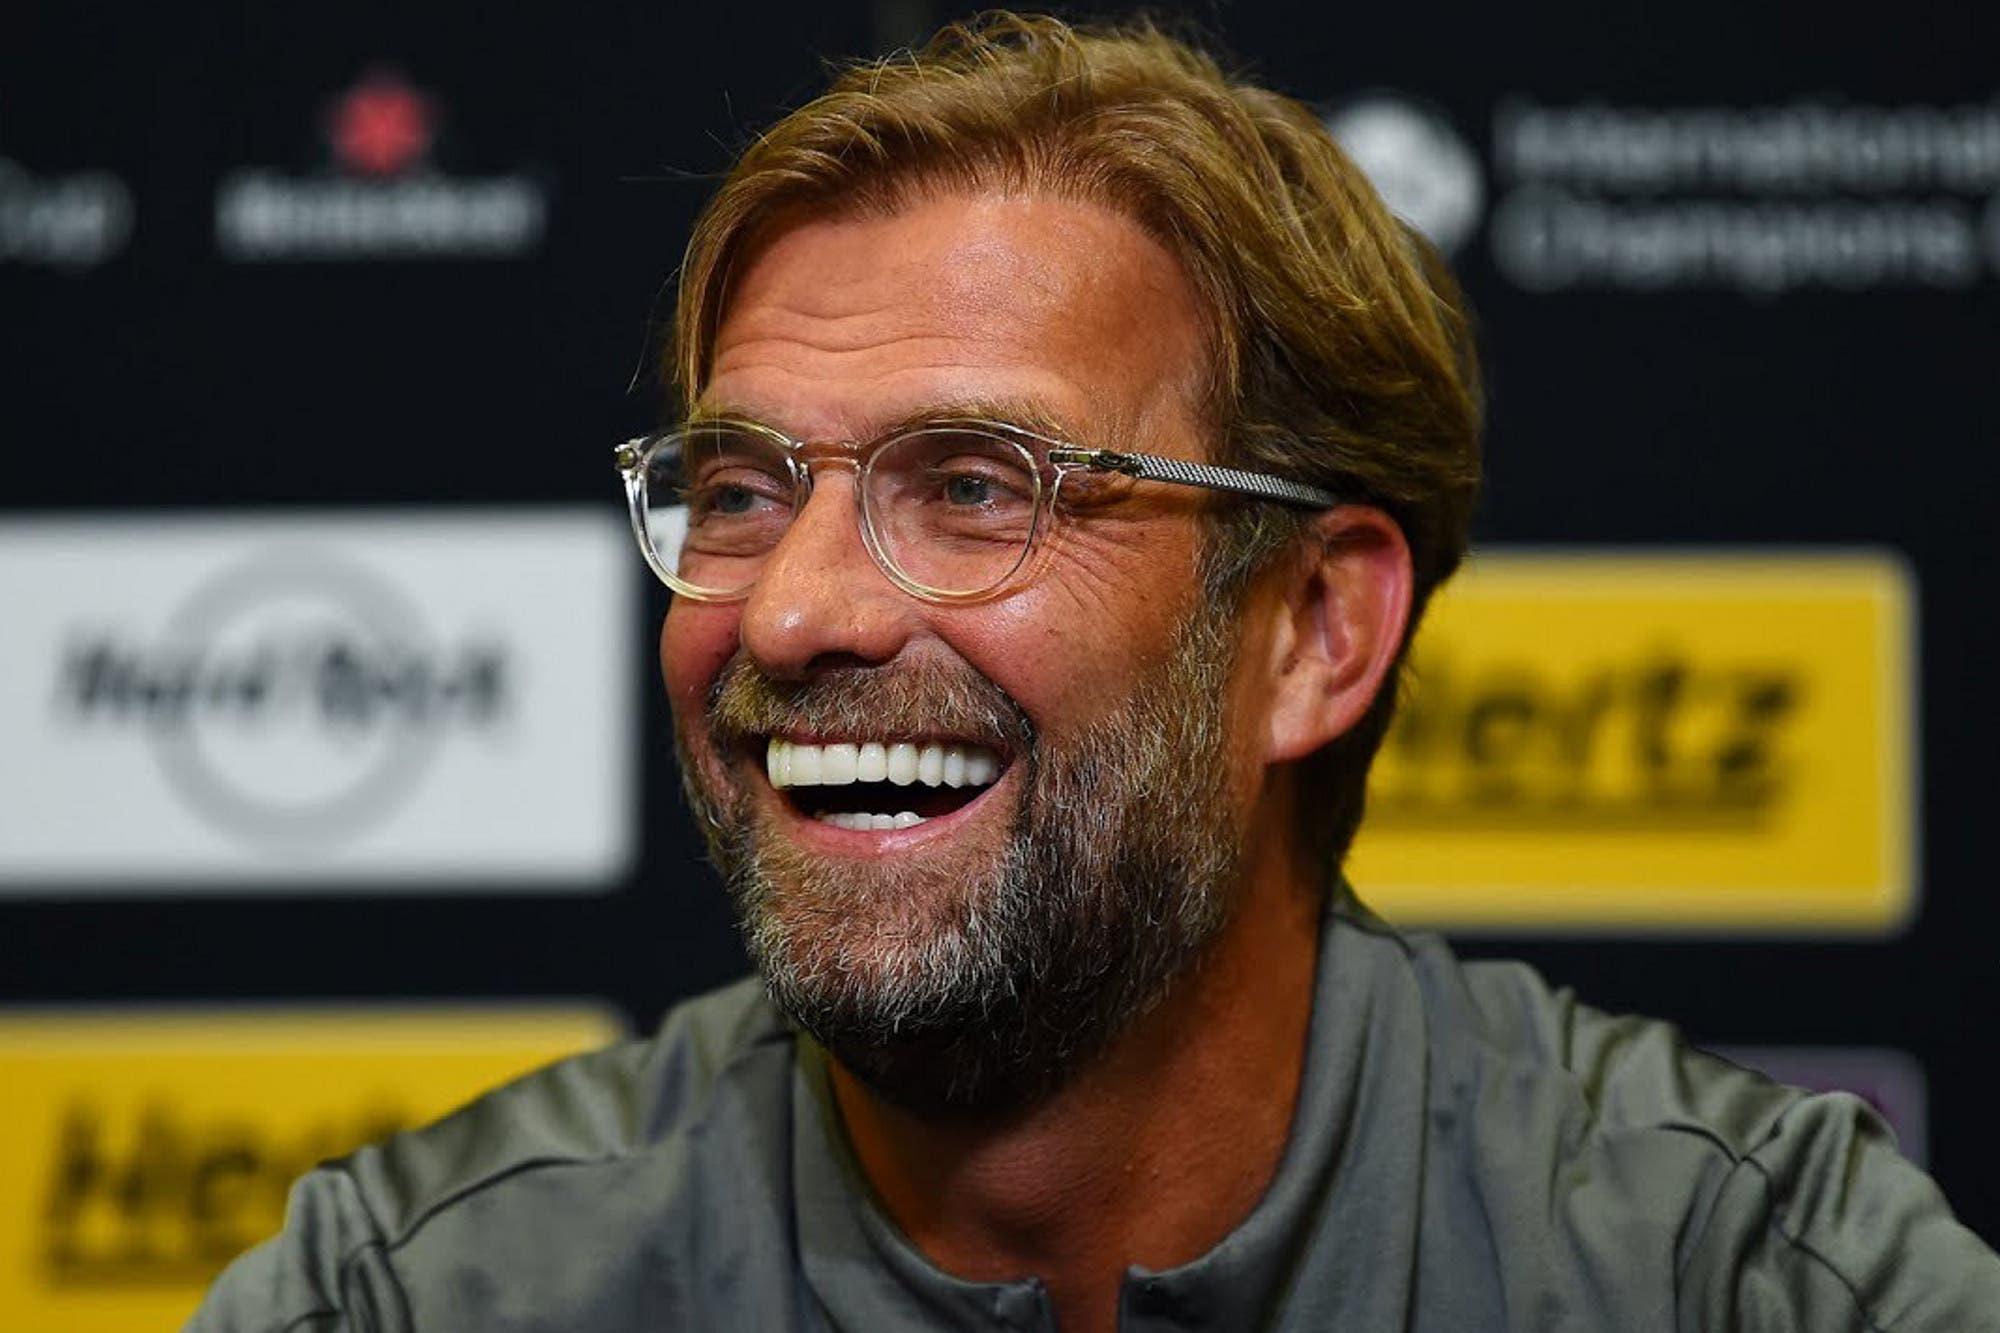 Jurgen Klopp quiere llevarse al Liverpool a un pilar del Atlético de Madrid del Cholo Simeone